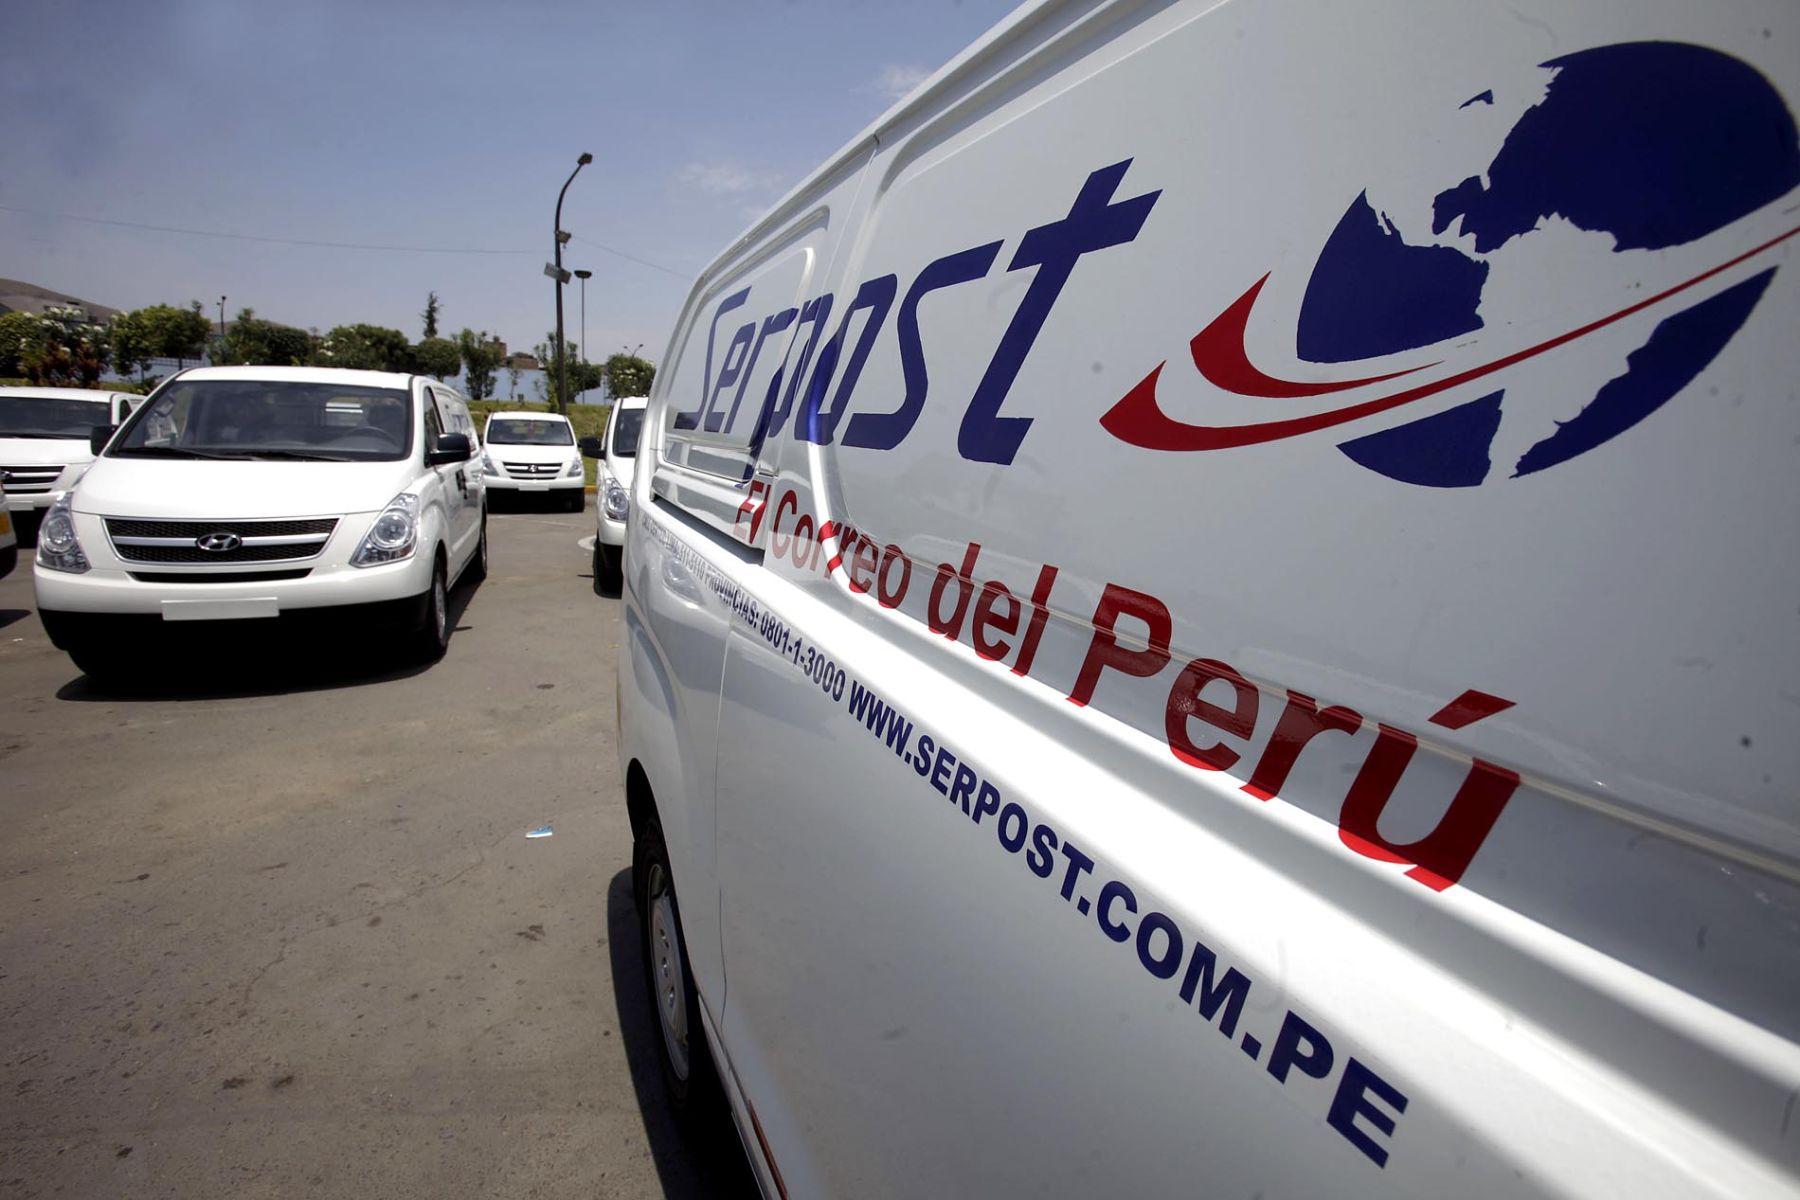 El ministro de Transportes y Comunicaciones, Enrique Cornejo, presentó nueva flota vehicular de Serpost. Foto: ANDINA/Alberto Orbegoso.